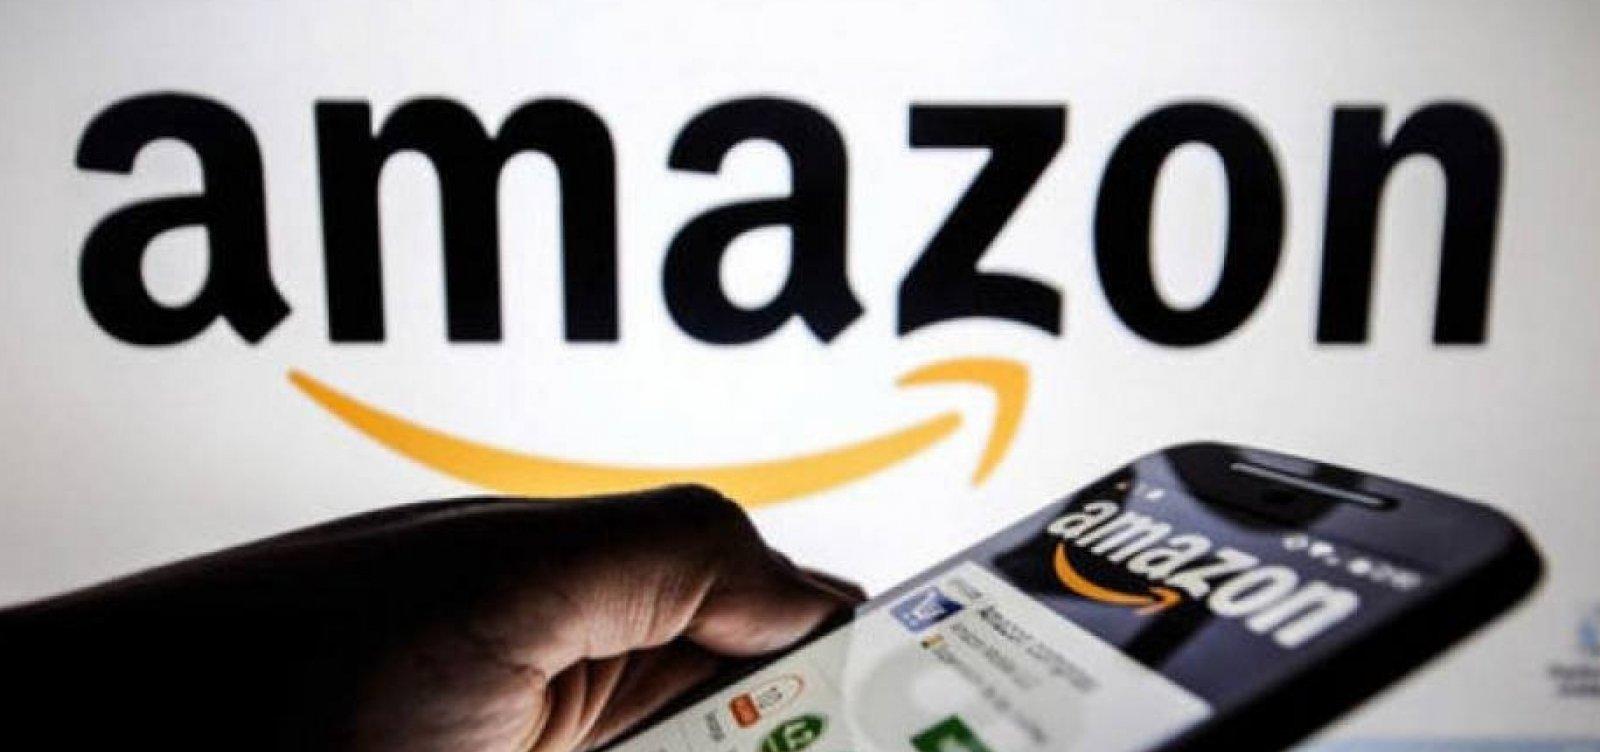 [Produtos irregulares são encontrados à venda na Amazon]